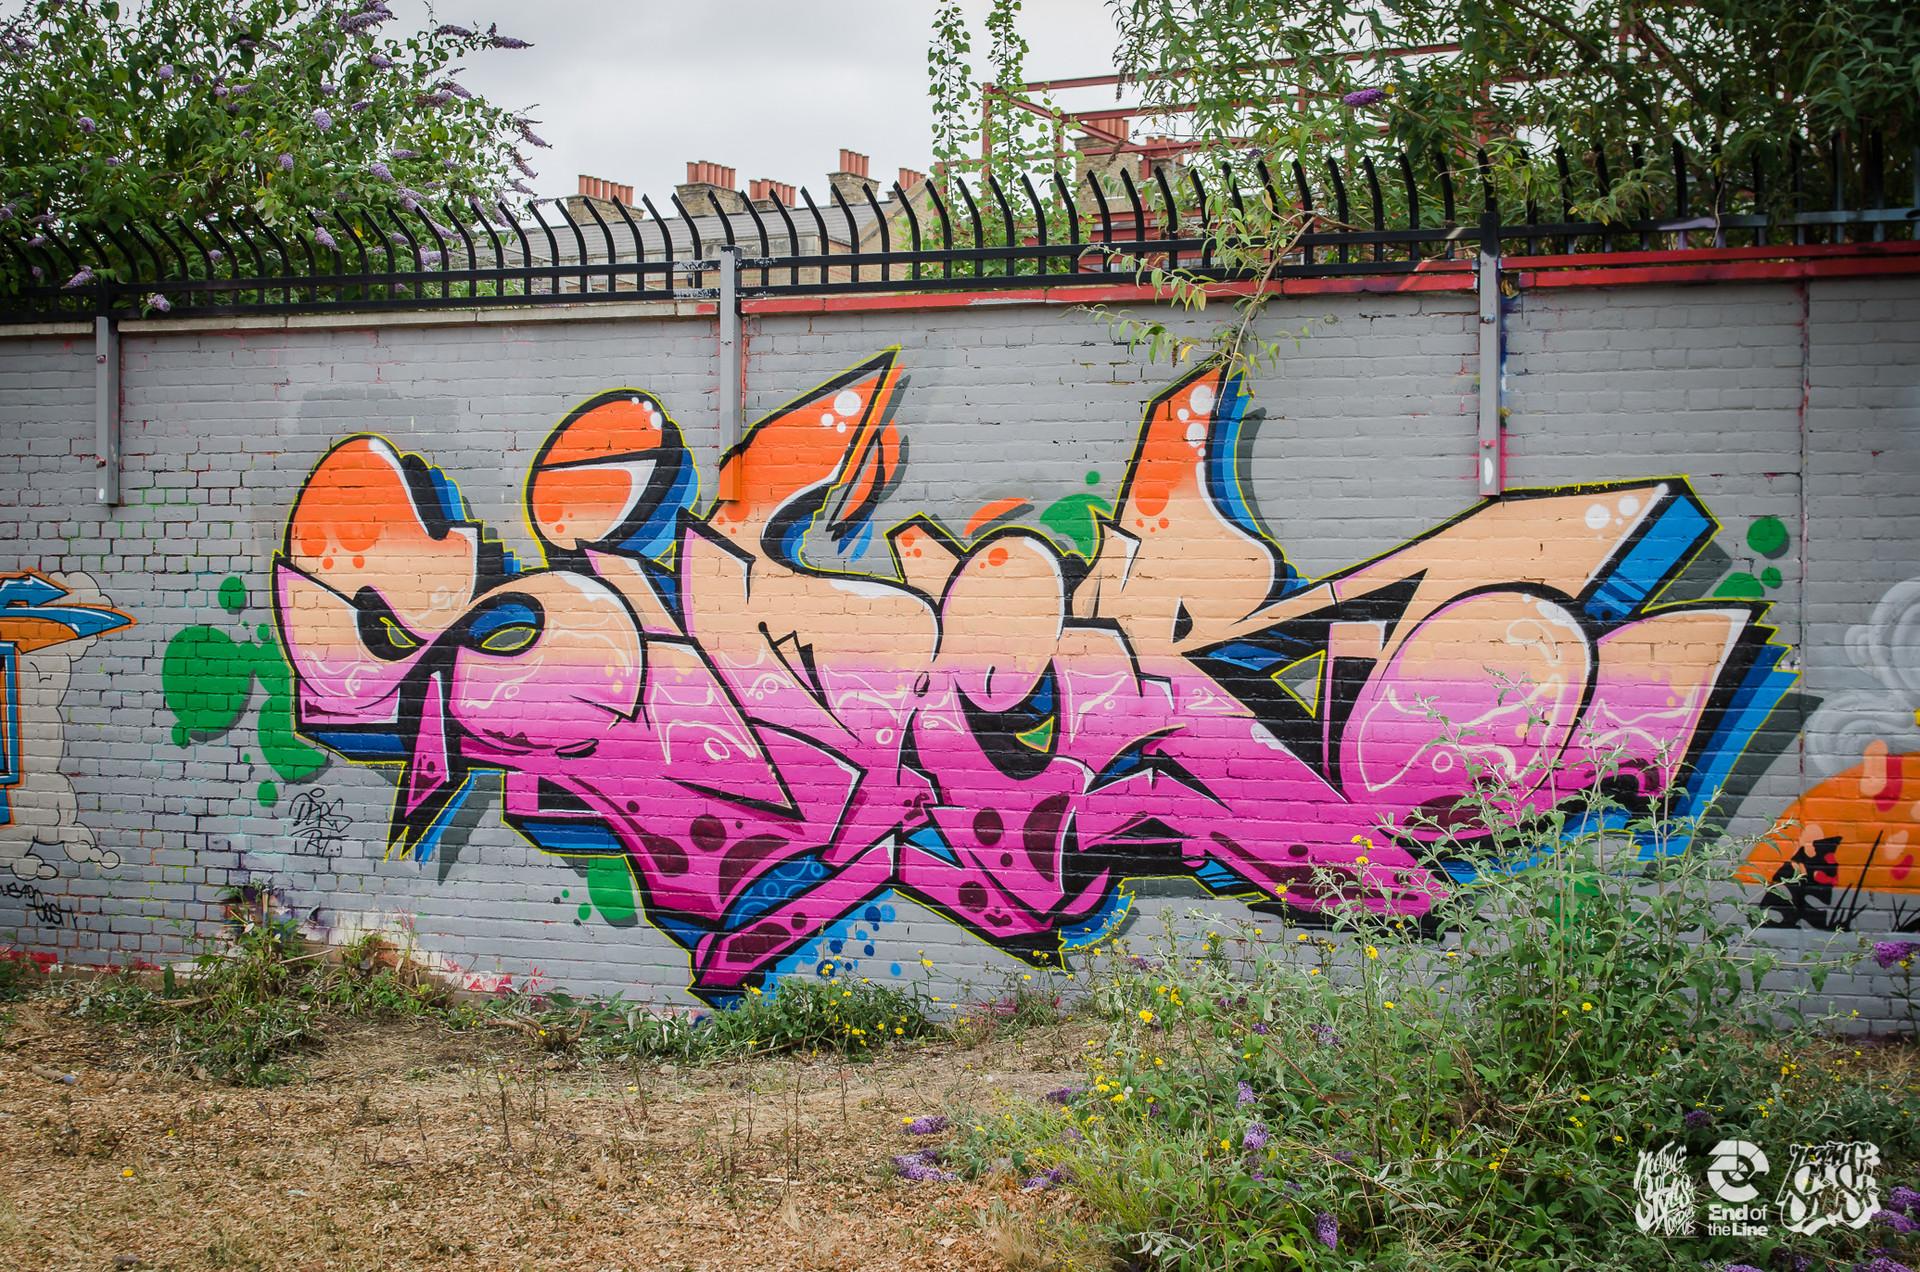 Meeting of Styles UK 2015 (13 of 14).jpg